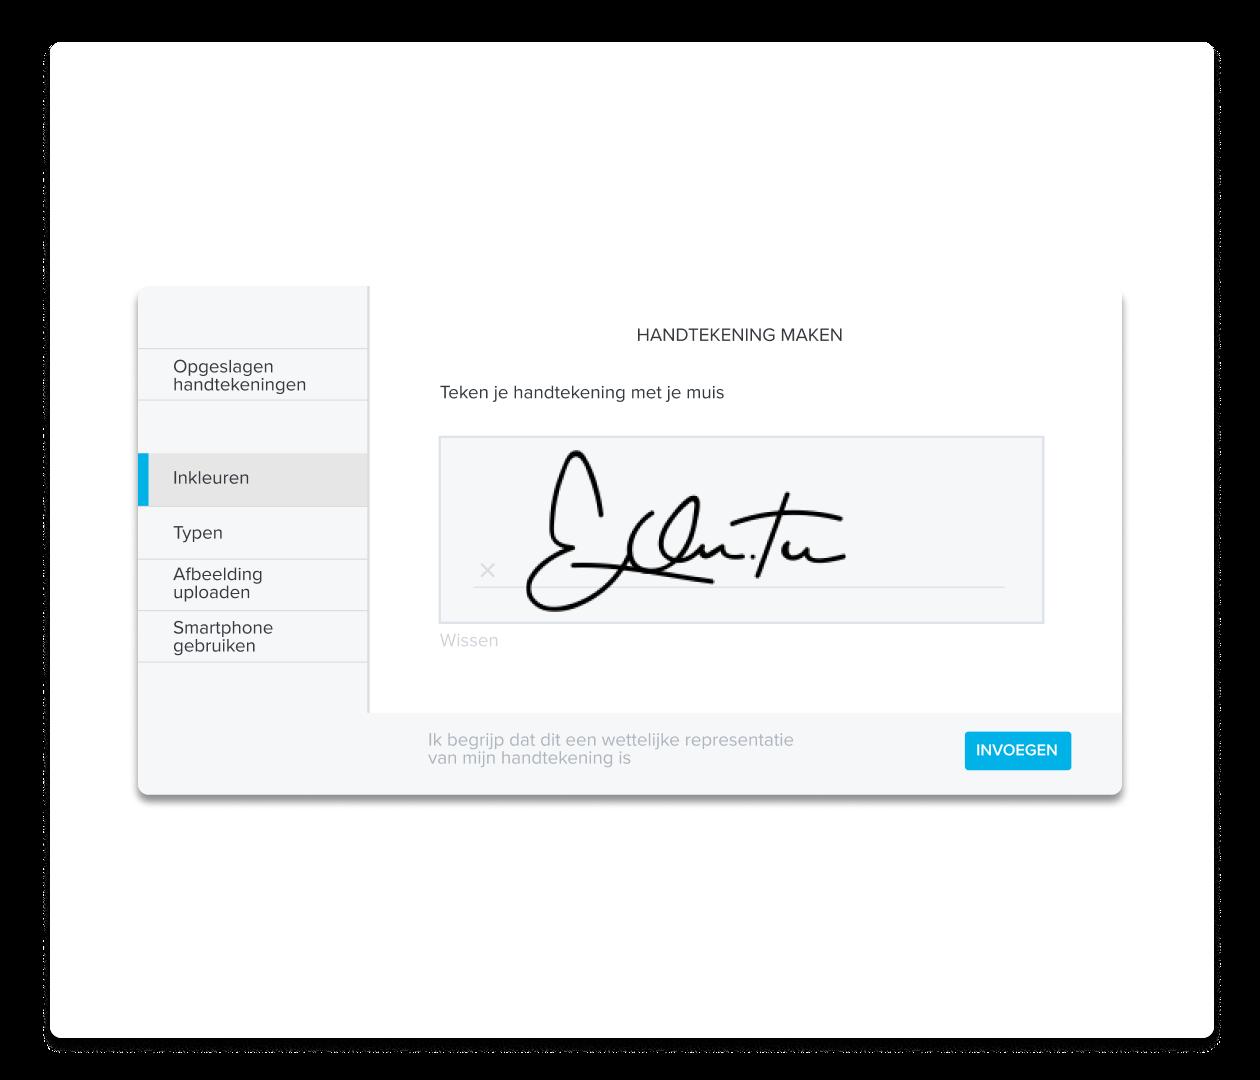 Een screenshot van het maken van een handtekening voor HelloSign